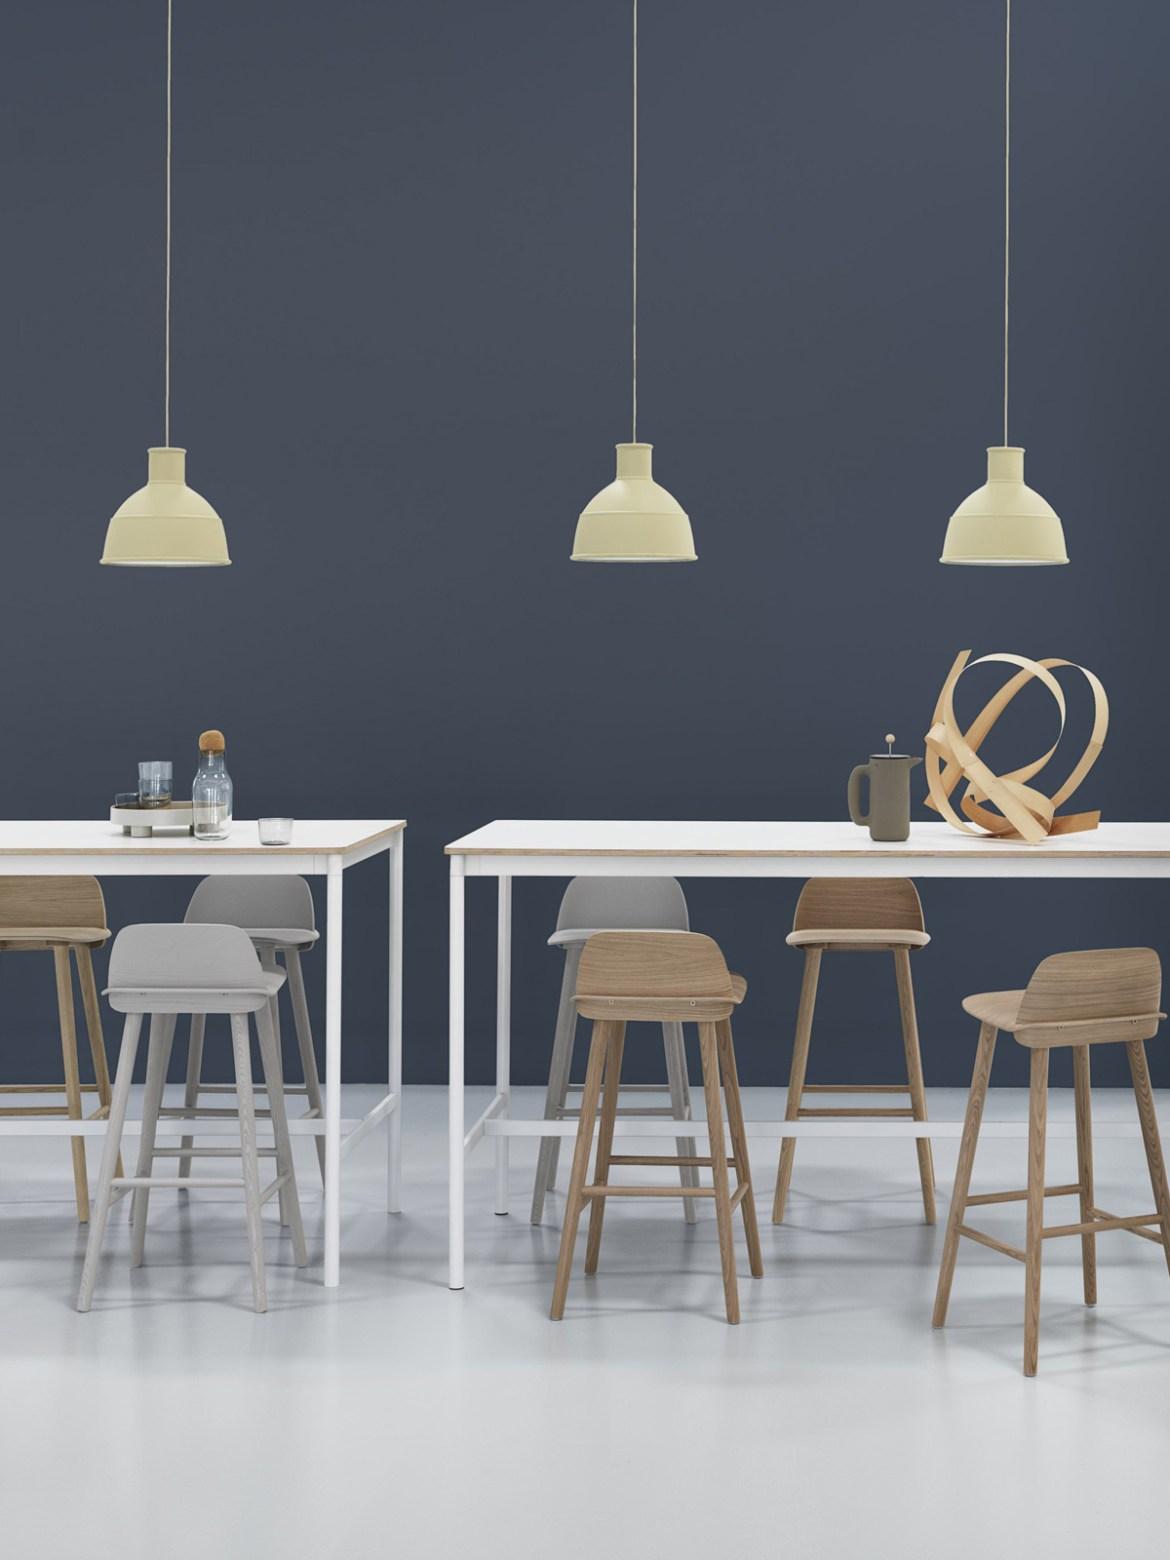 DesignOrt Lampen Blog: Lampen Trends 2019 Pendelleuchte Unfold von Muuto